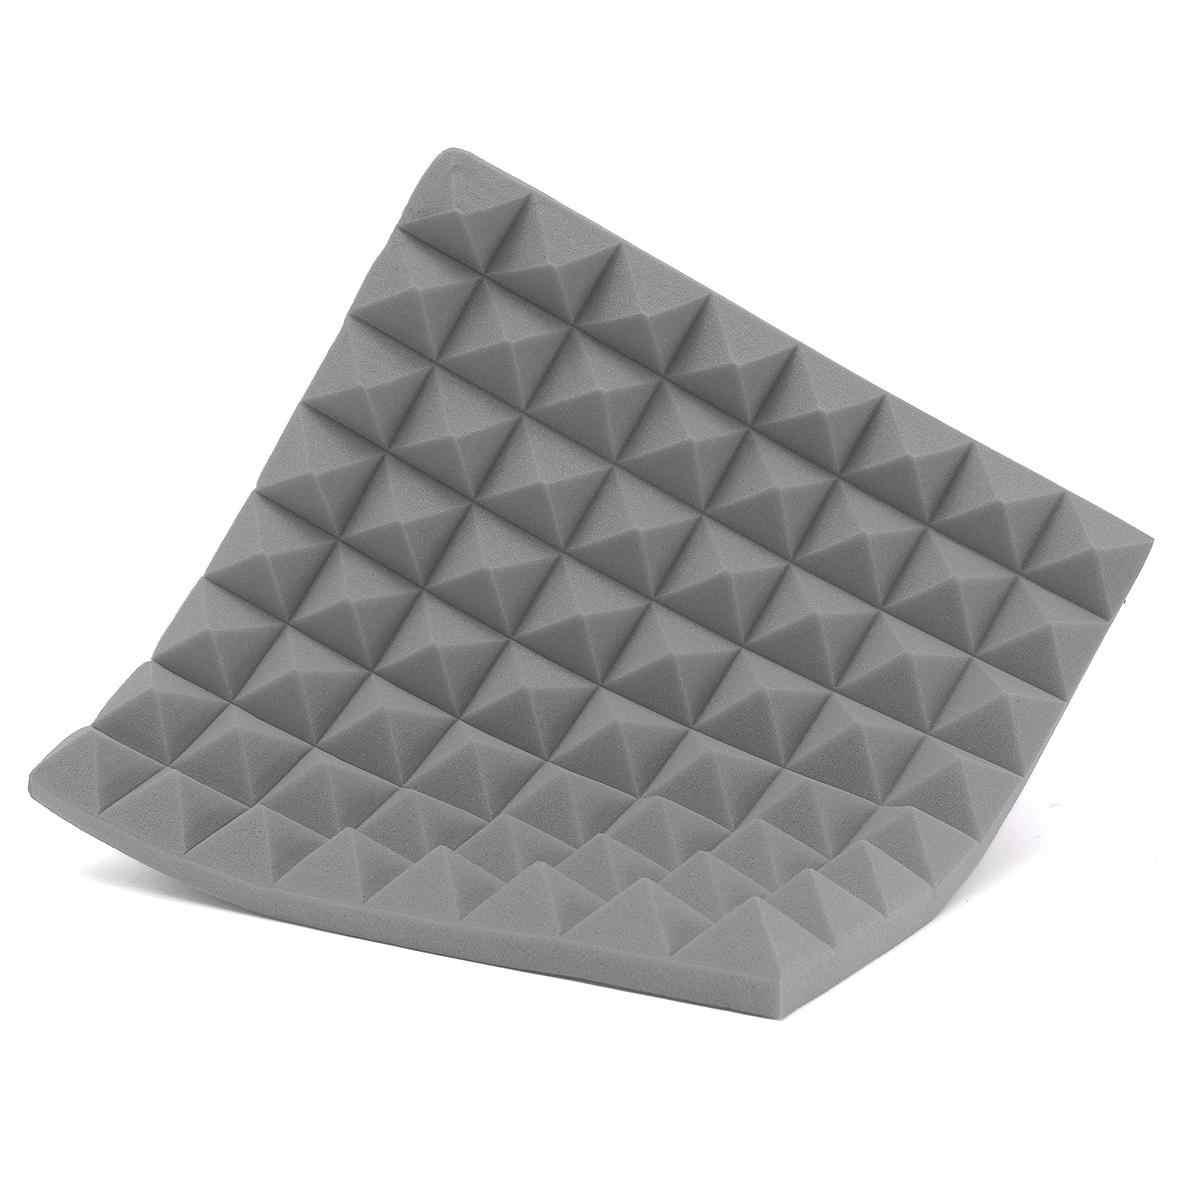 4 sztuk 500X500X50mm dźwiękochłonna pianka pianka akustyczna leczenie dźwięku Studio pokój absorpcja płytki pianka poliuretanowa